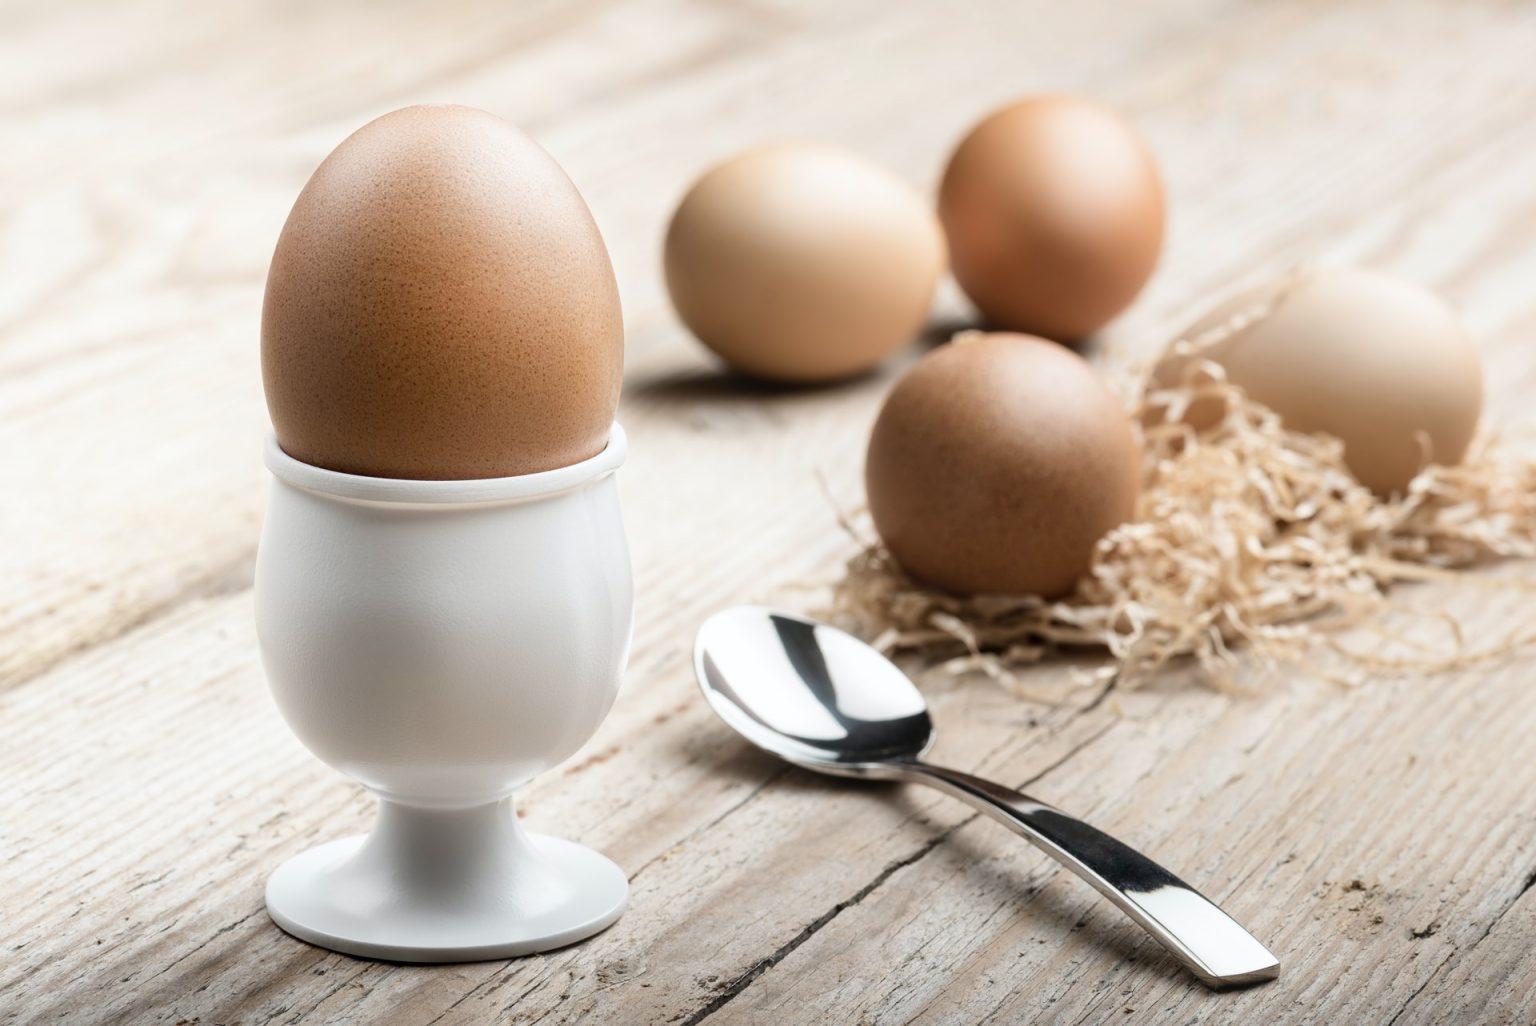 huevos cocidos listos para comer